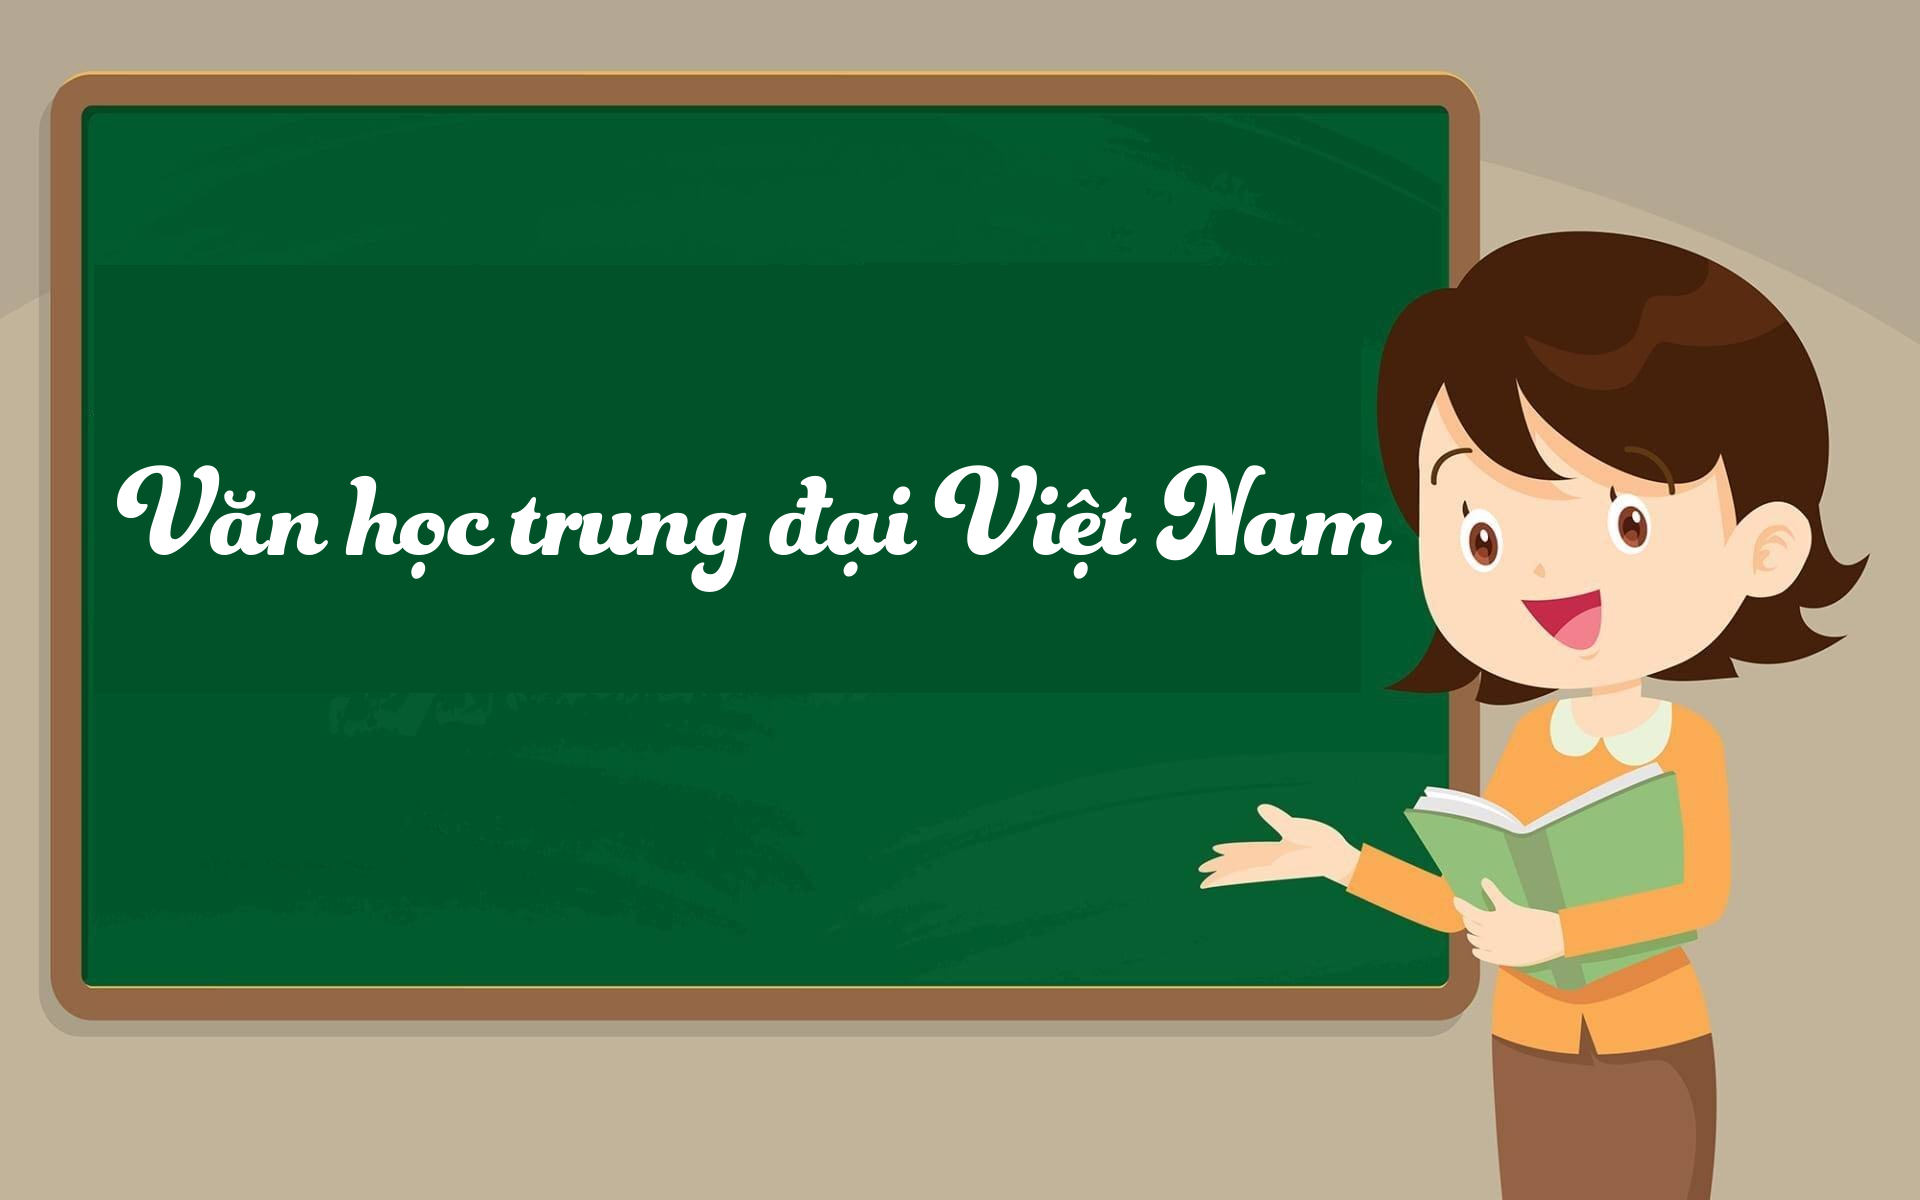 văn học trung đại Việt Nam